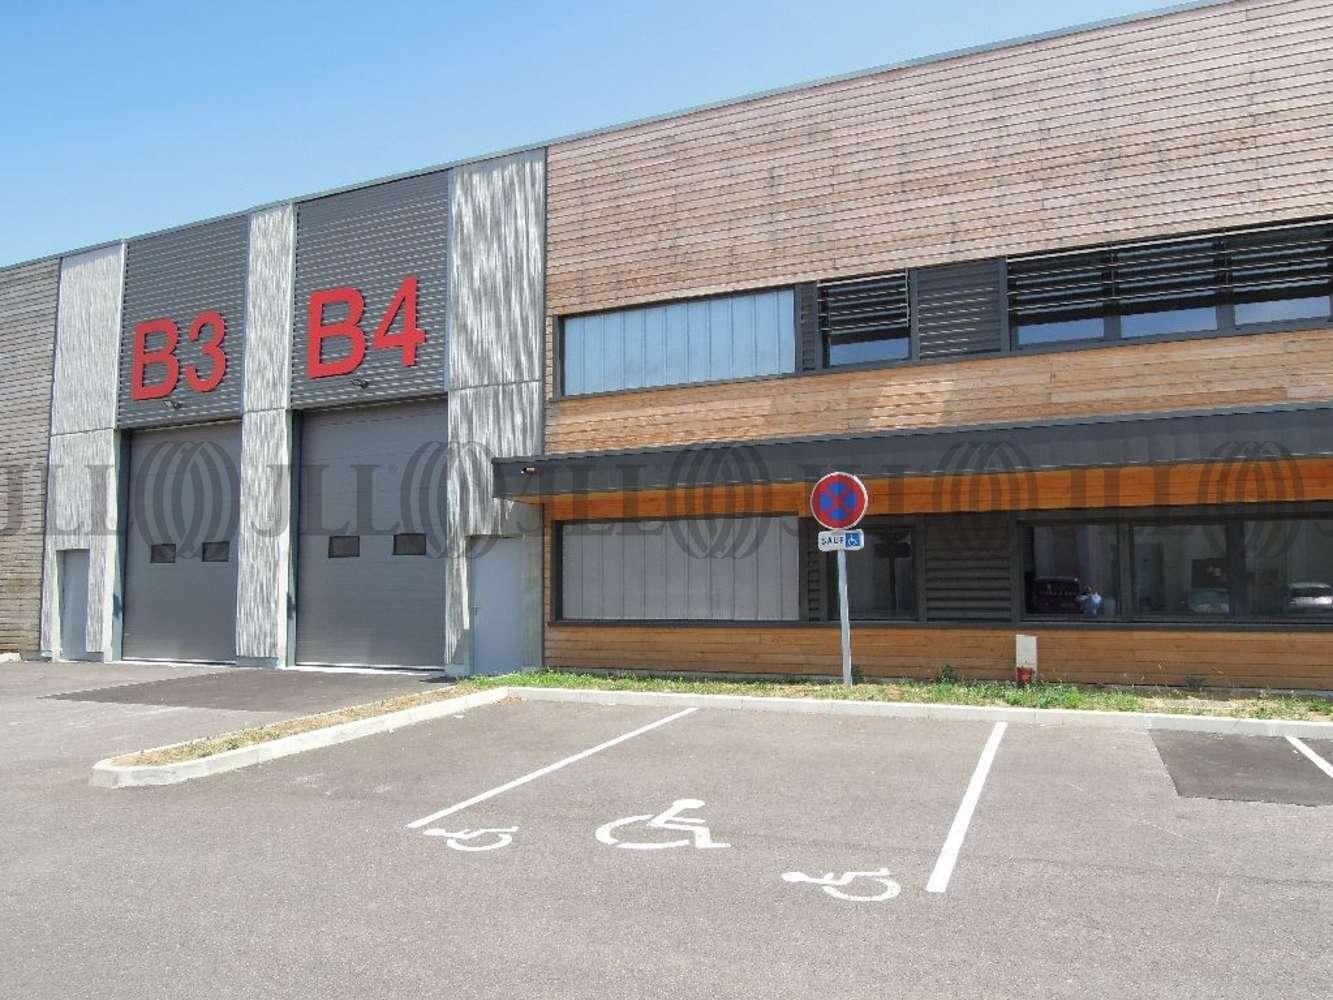 Activités/entrepôt Oullins, 69600 - Location entrepot Lyon Sud - Oullins - 9940255